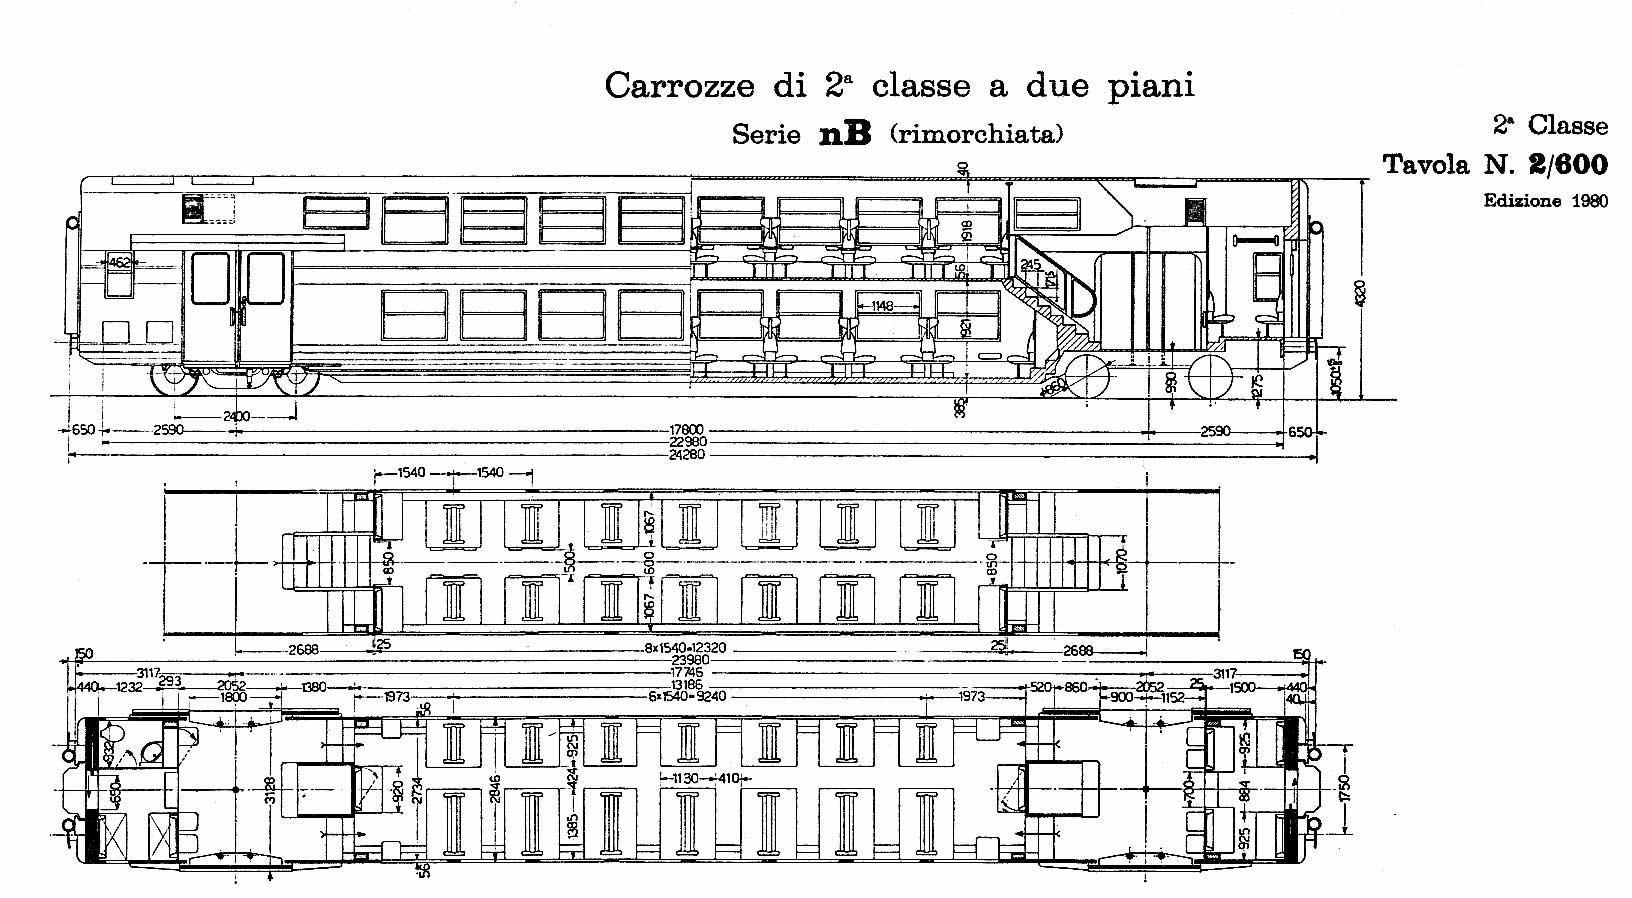 Carrozze serie nb for Piano di costruzione a due piani